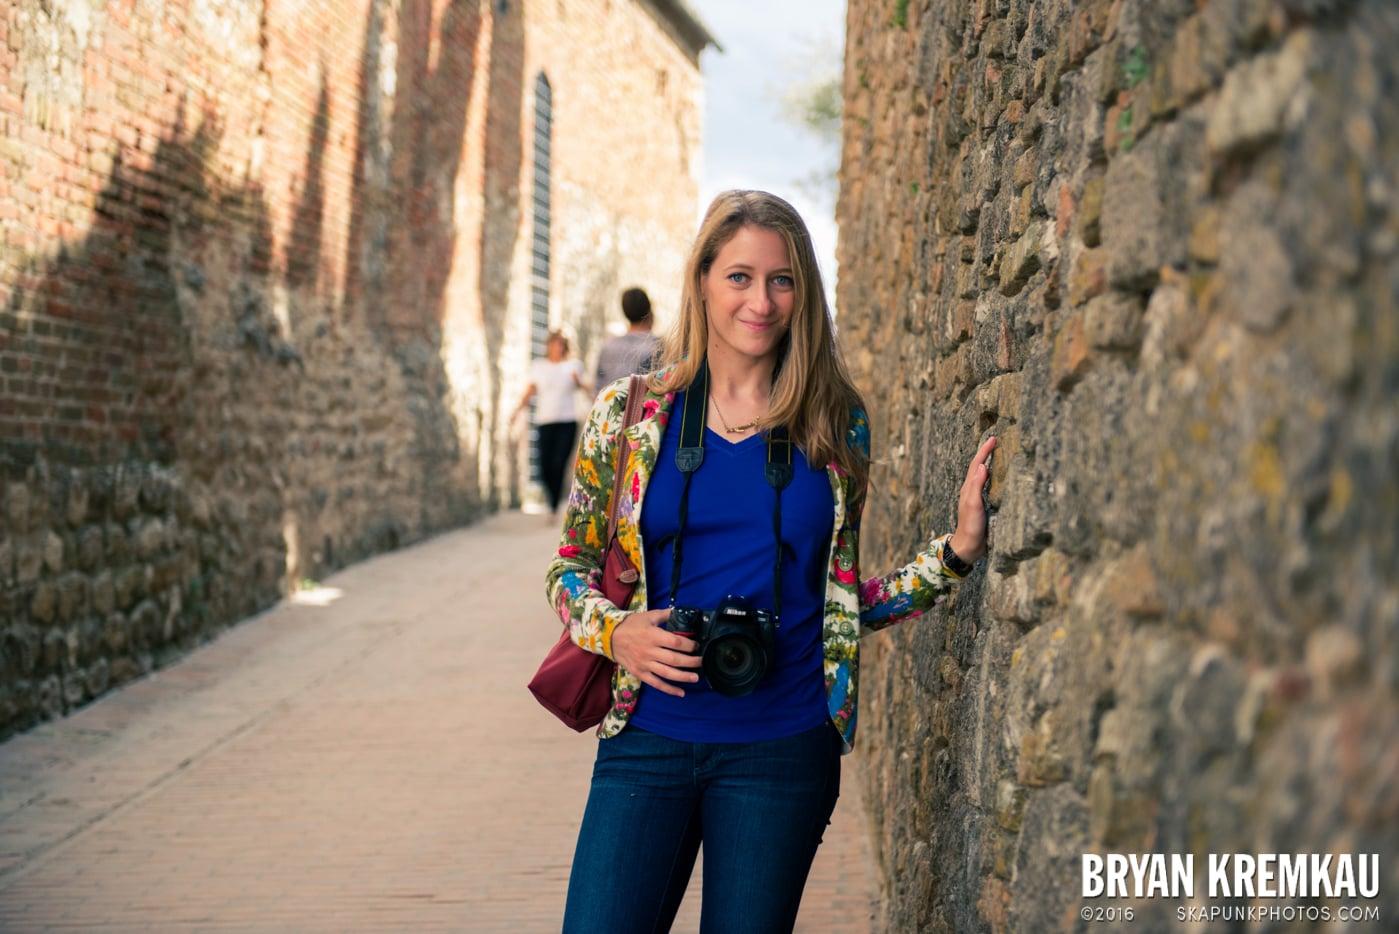 Italy Vacation - Day 8: Siena, San Gimignano, Chianti, Pisa - 9.16.13 (64)